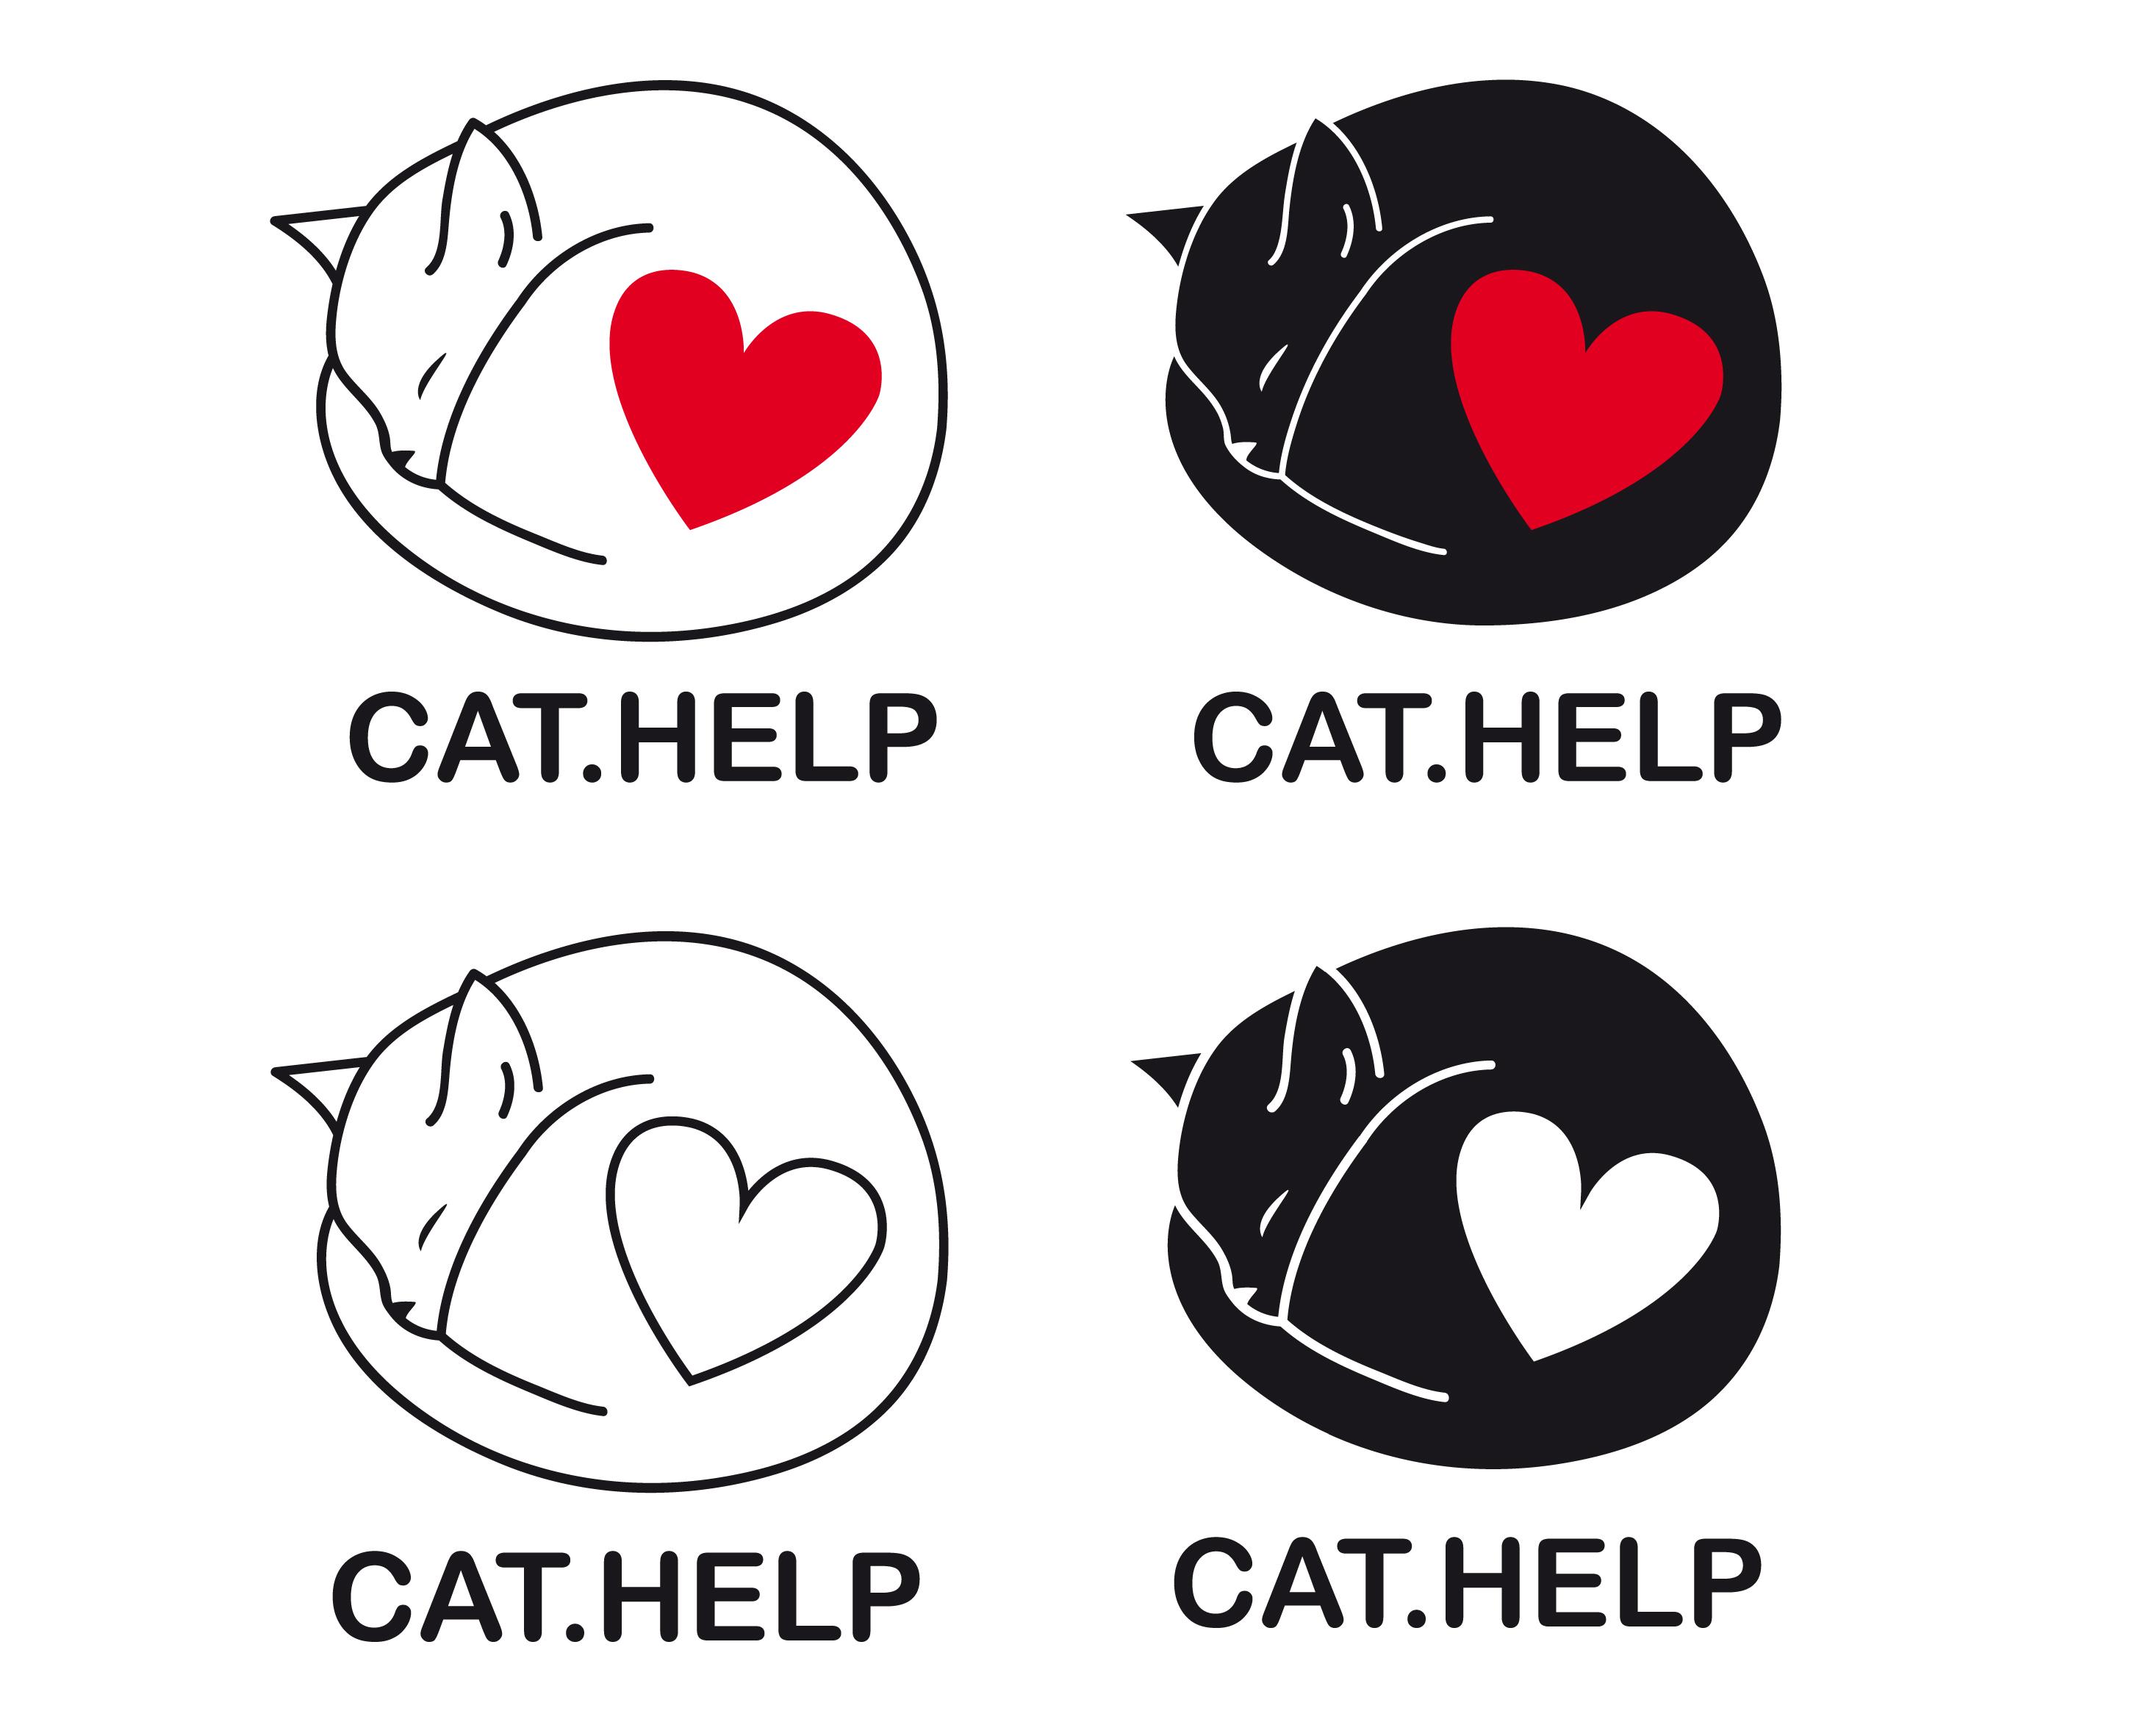 логотип для сайта и группы вк - cat.help фото f_50759dc8d1bda6ac.jpg